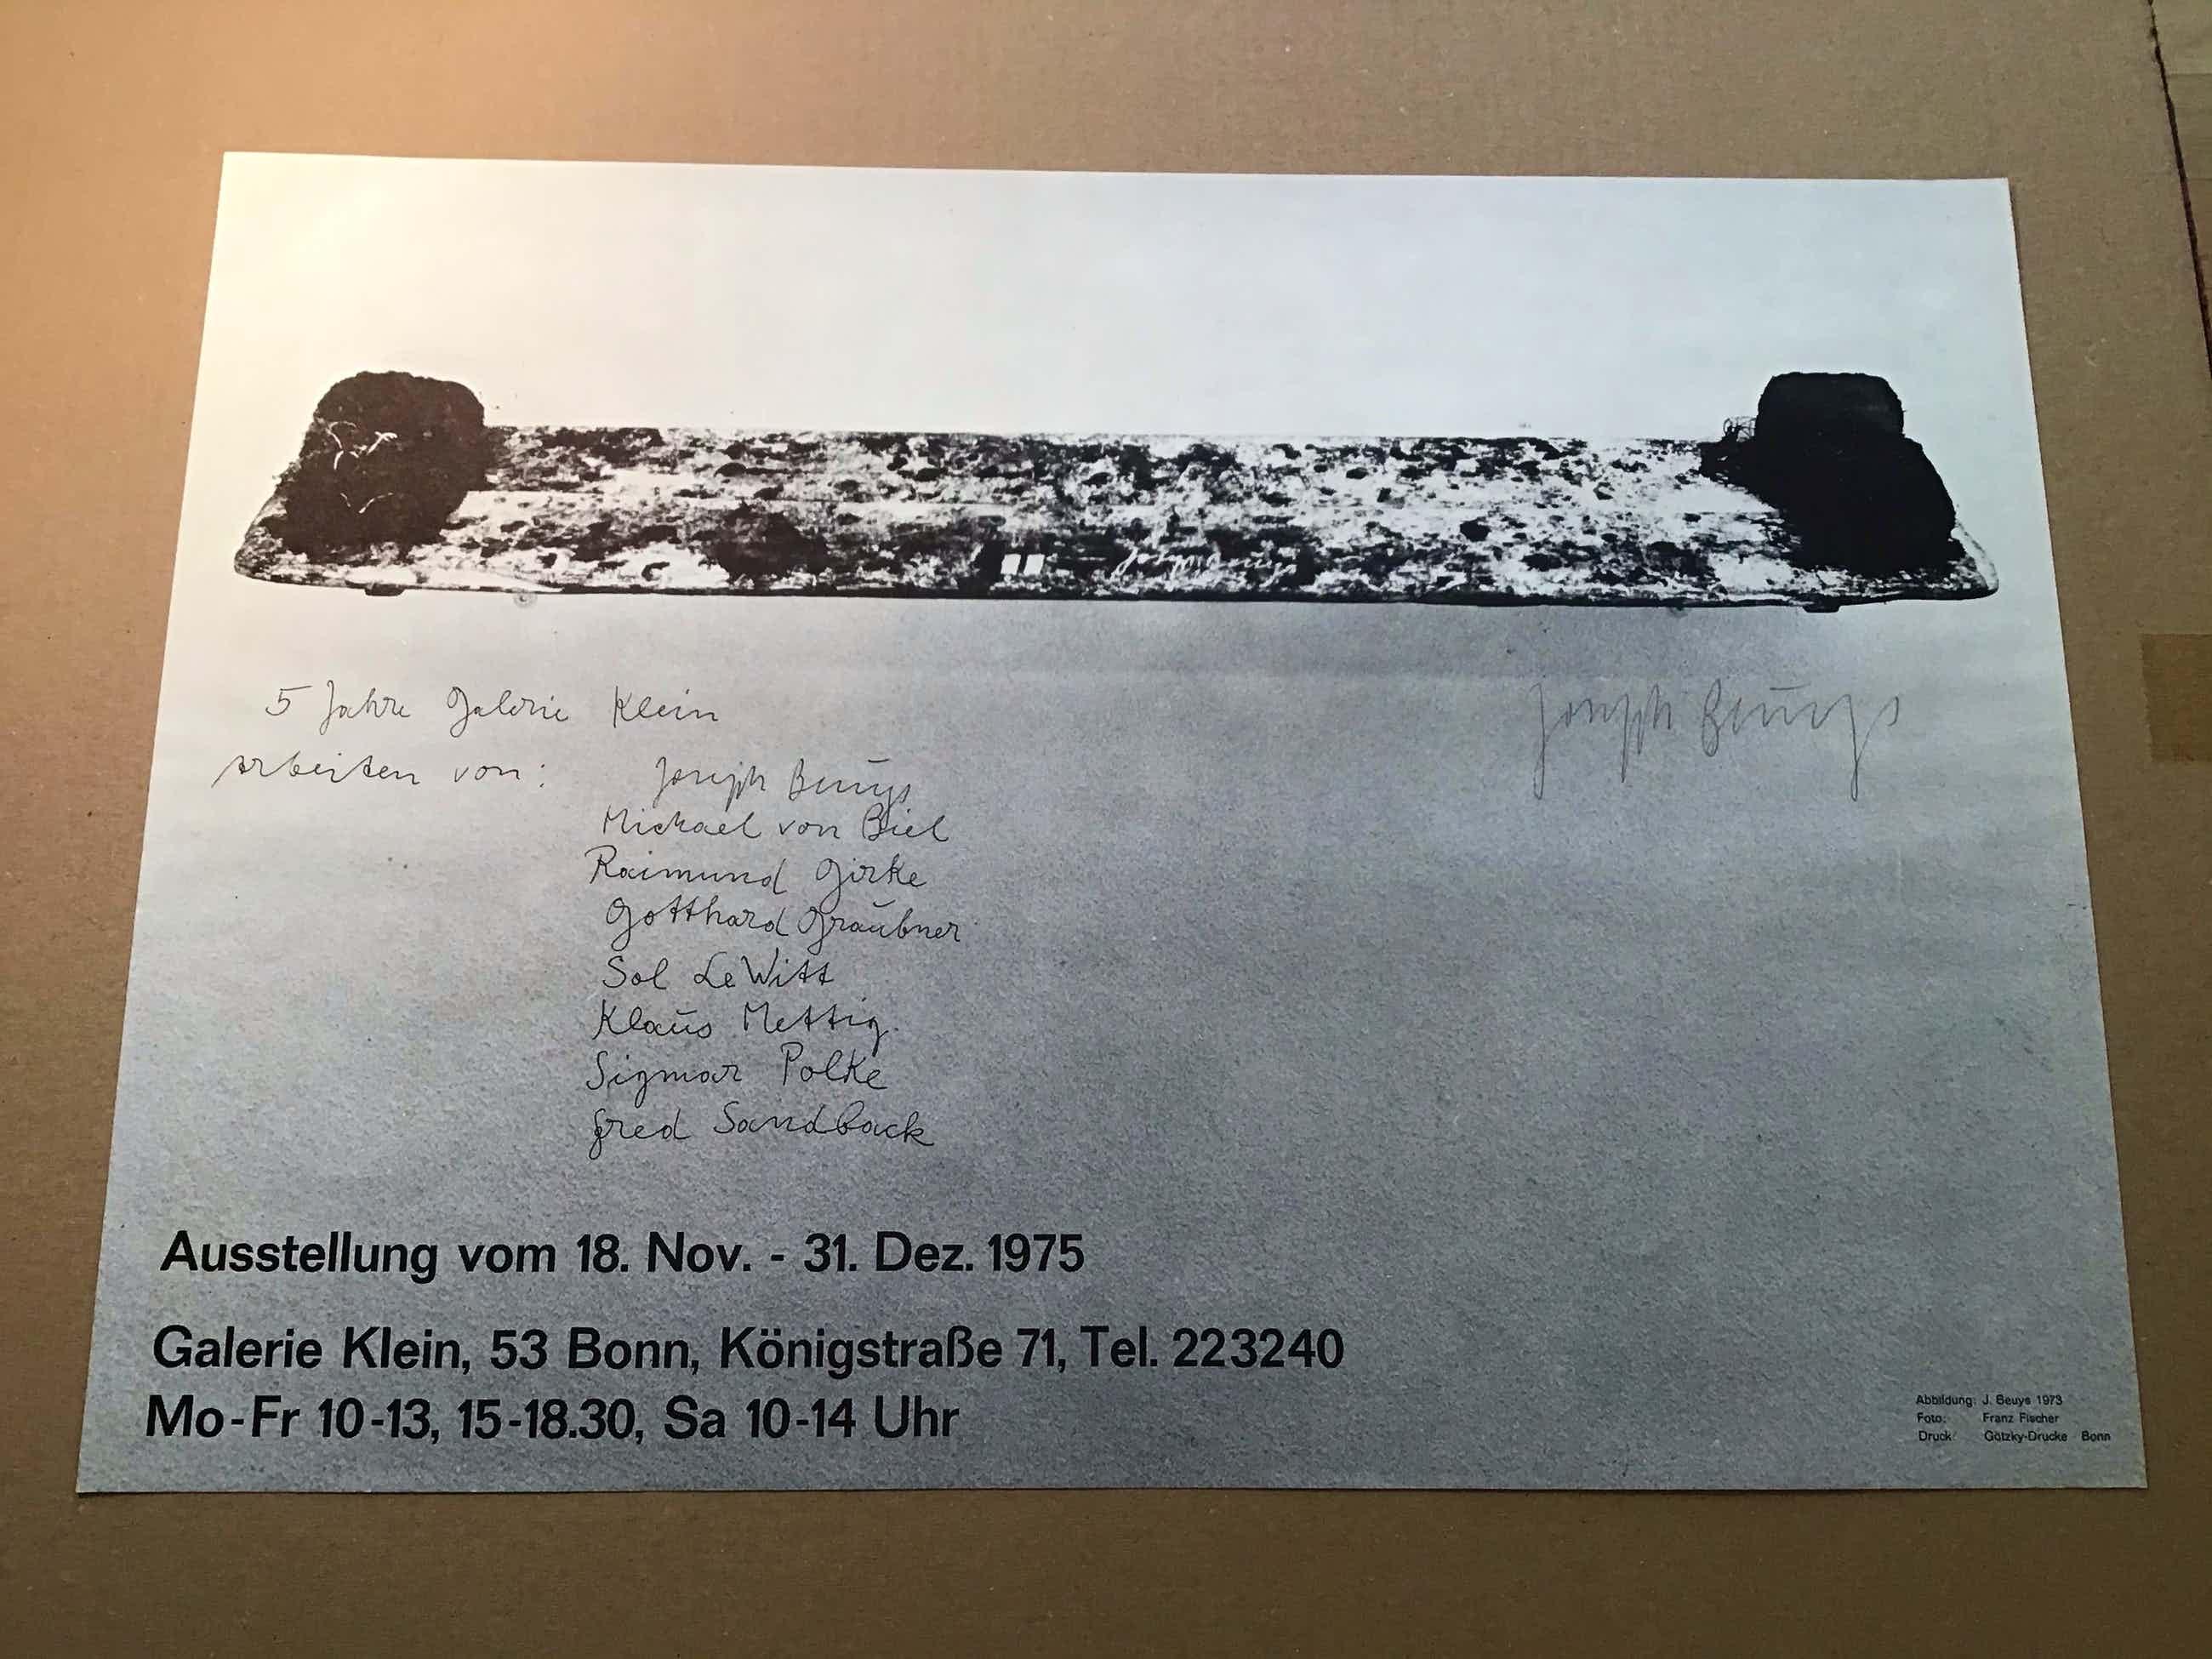 Joseph Beuys - handsign.Ausstellungsplakat- 5-Jahre Galerie Klein, Bonn kopen? Bied vanaf 250!